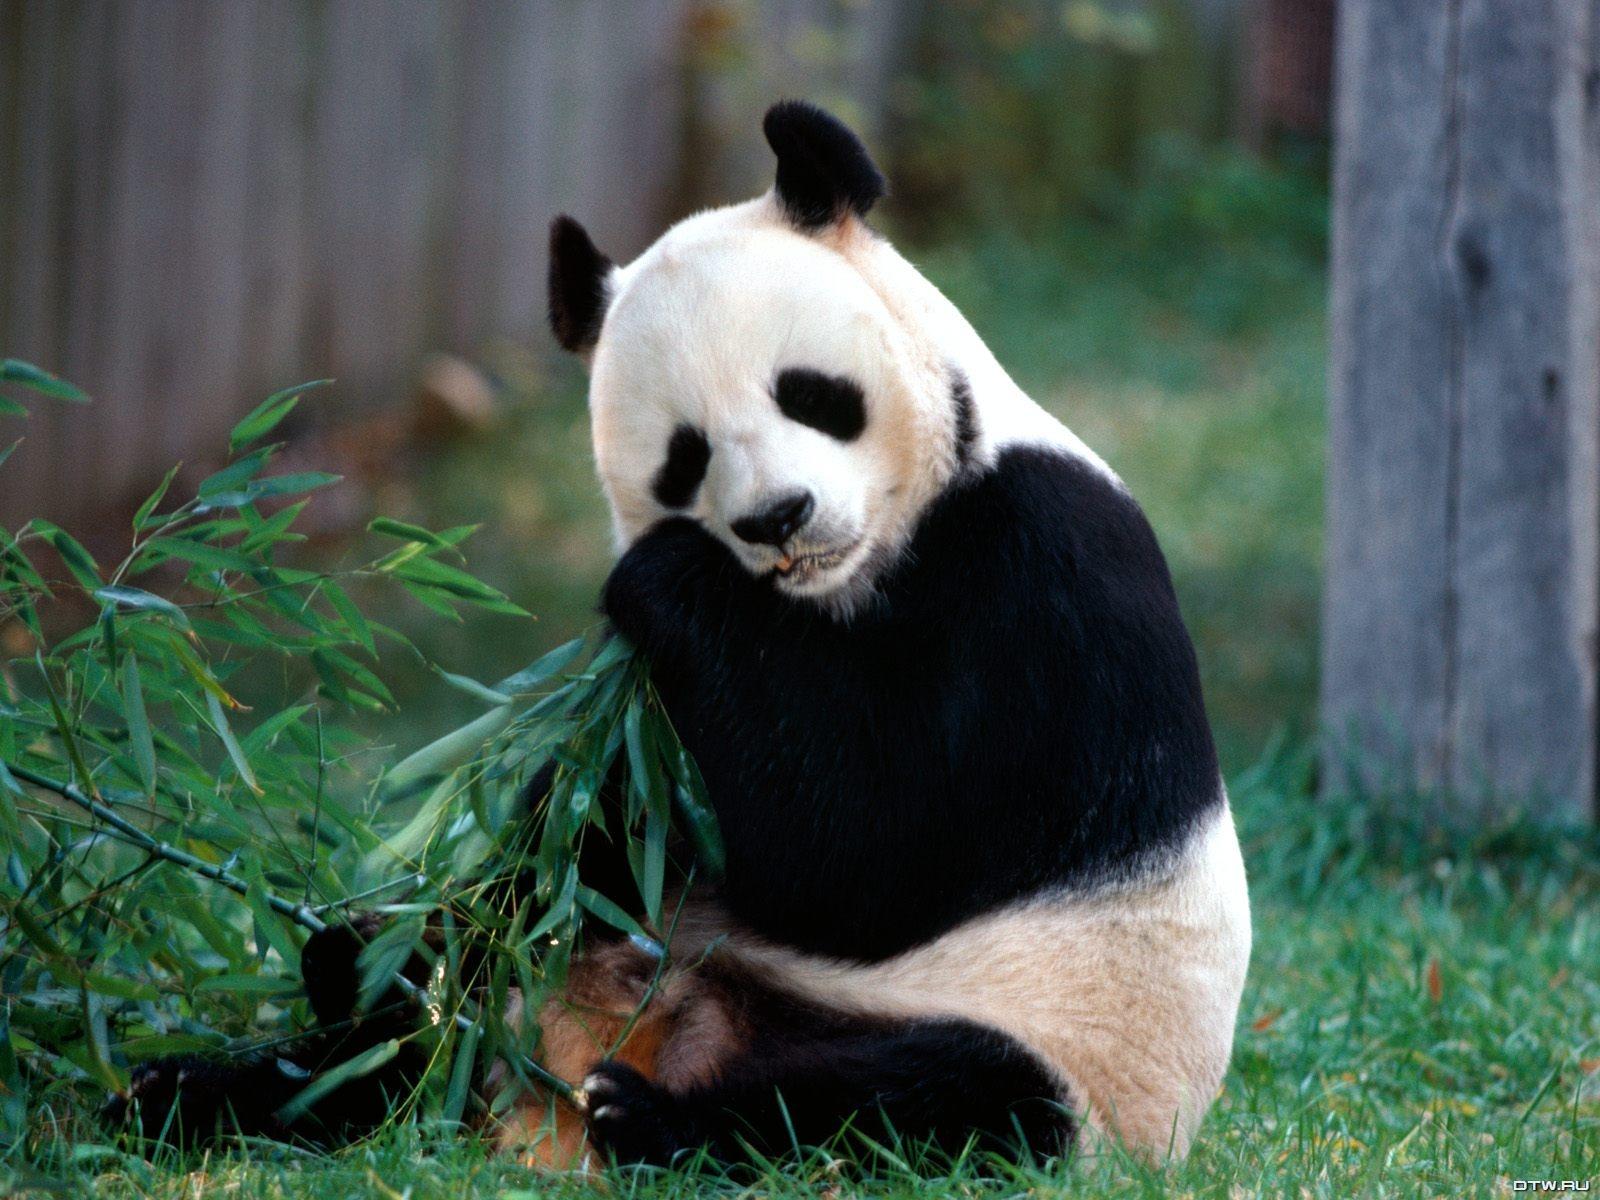 Cute Baby Panda Deskto...